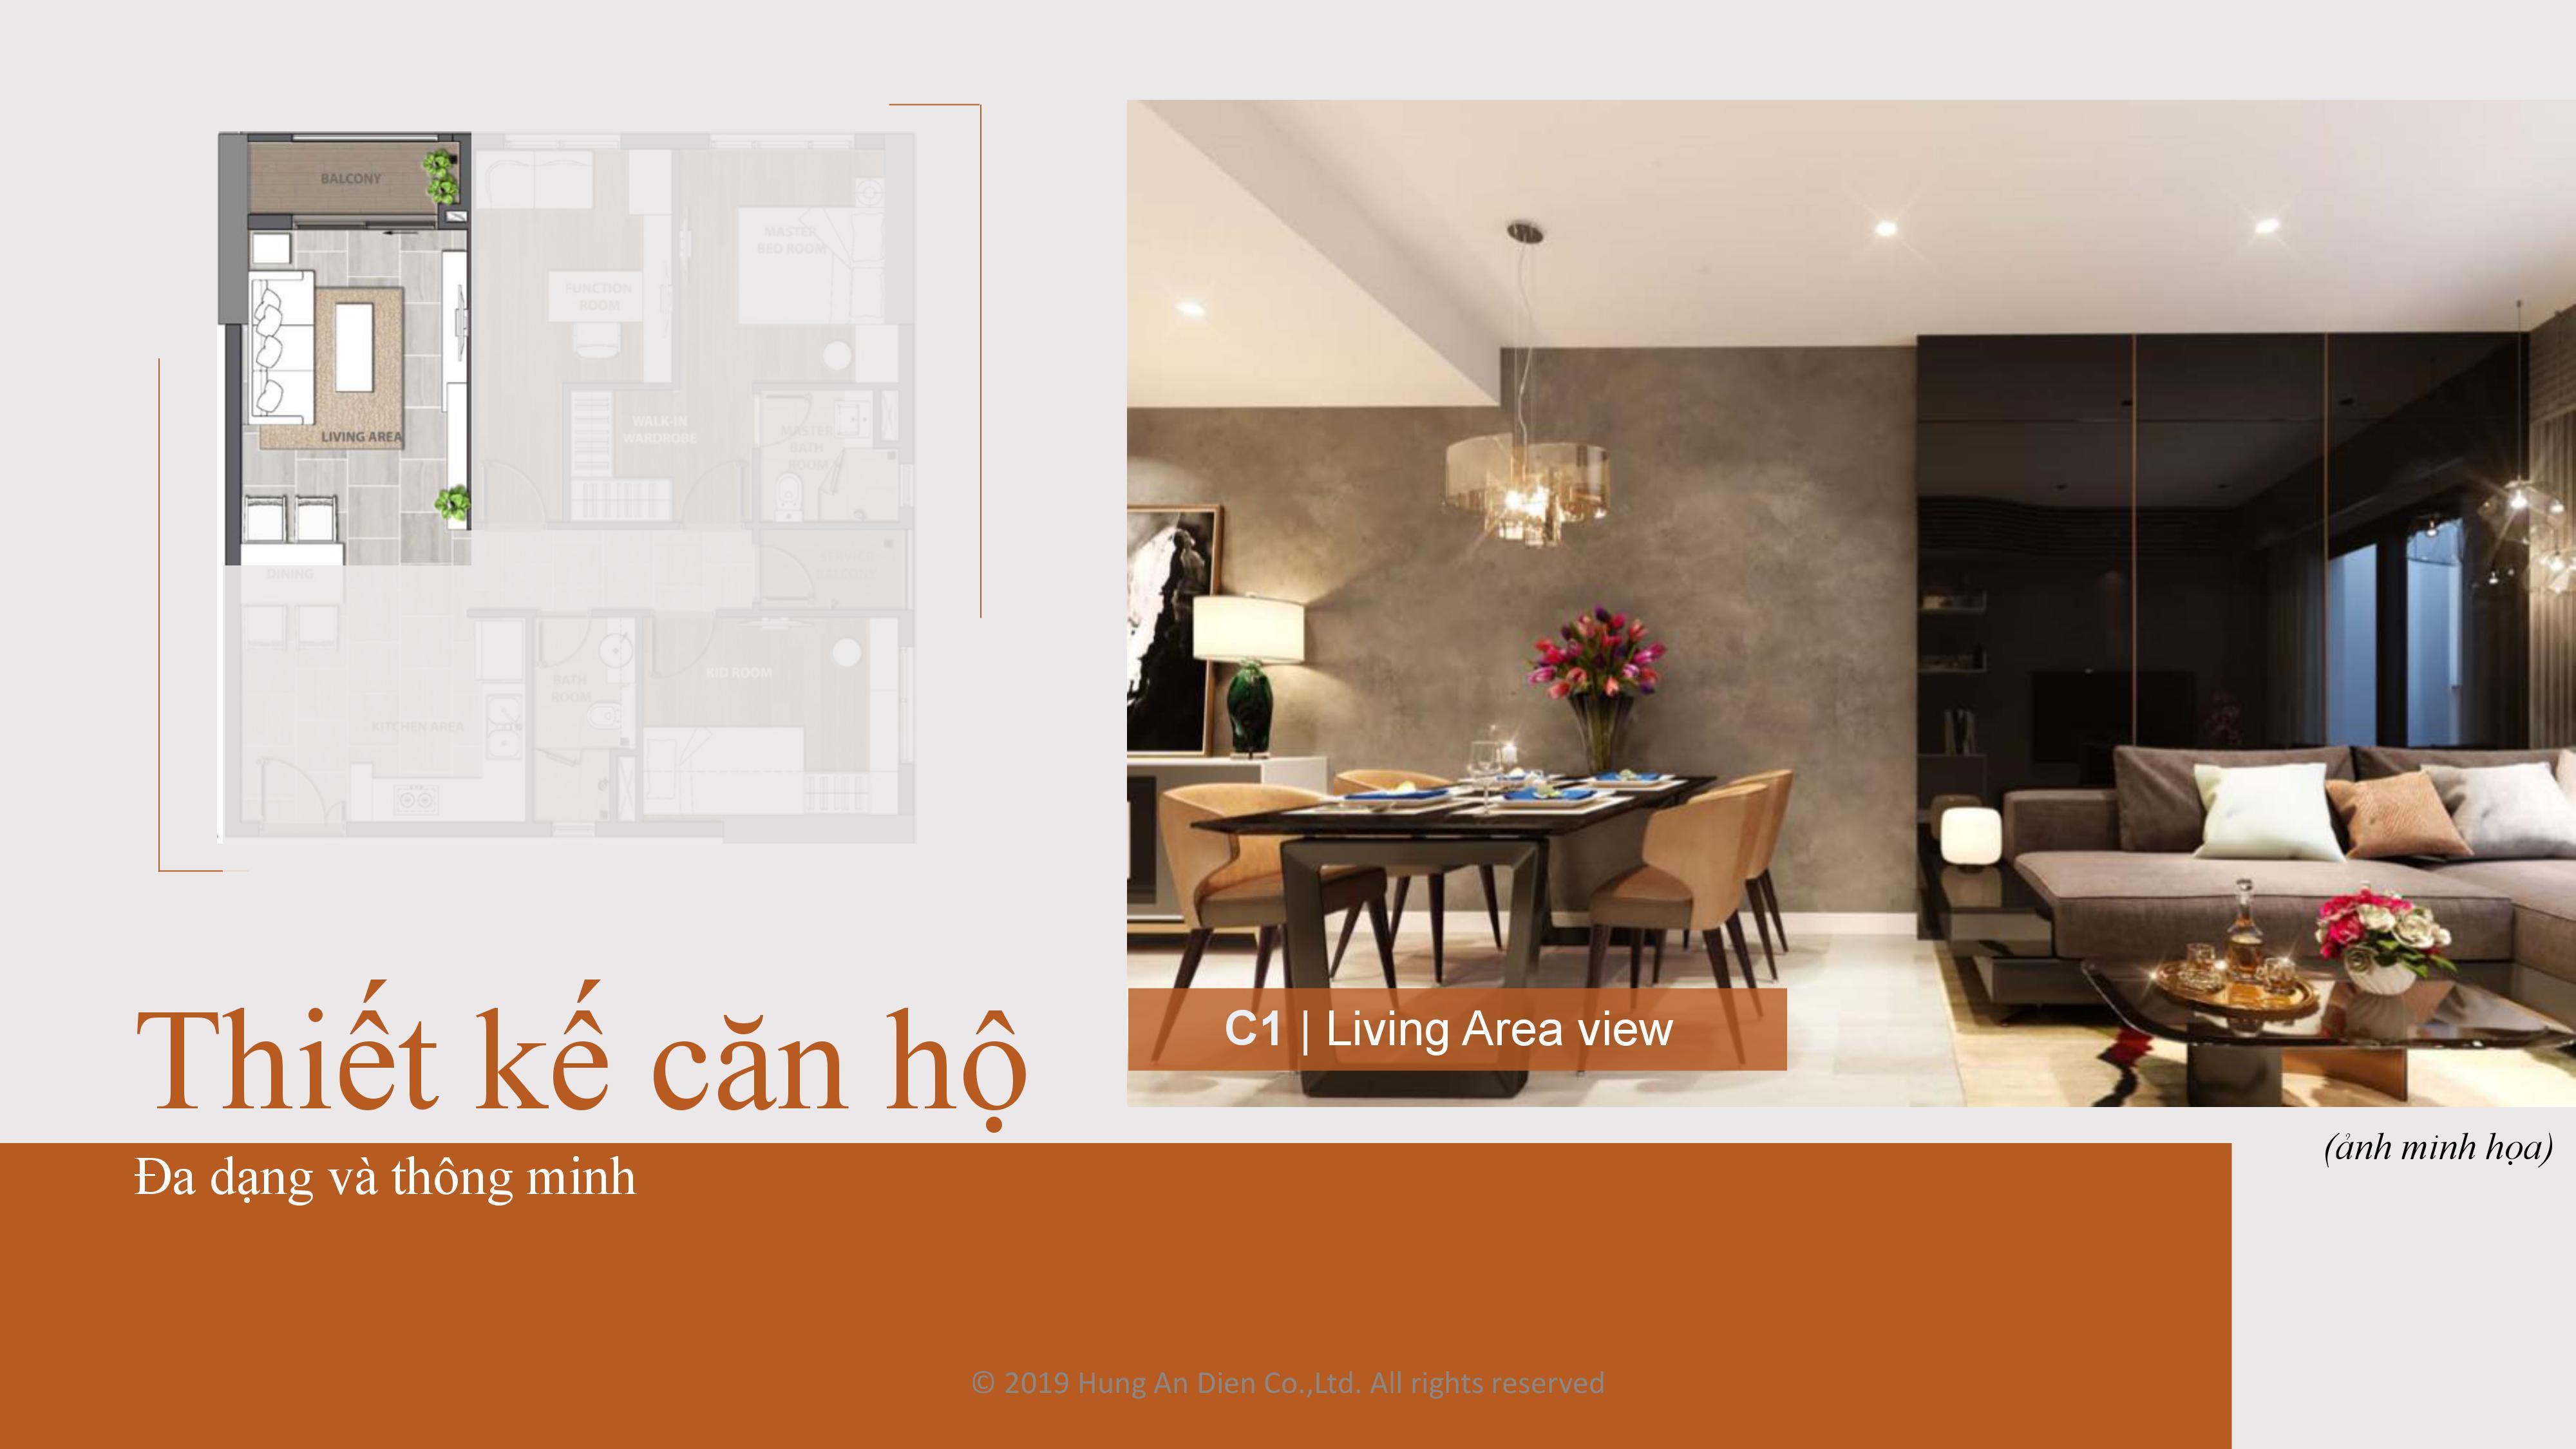 Thiết kế căn hộ Aio City hình 06